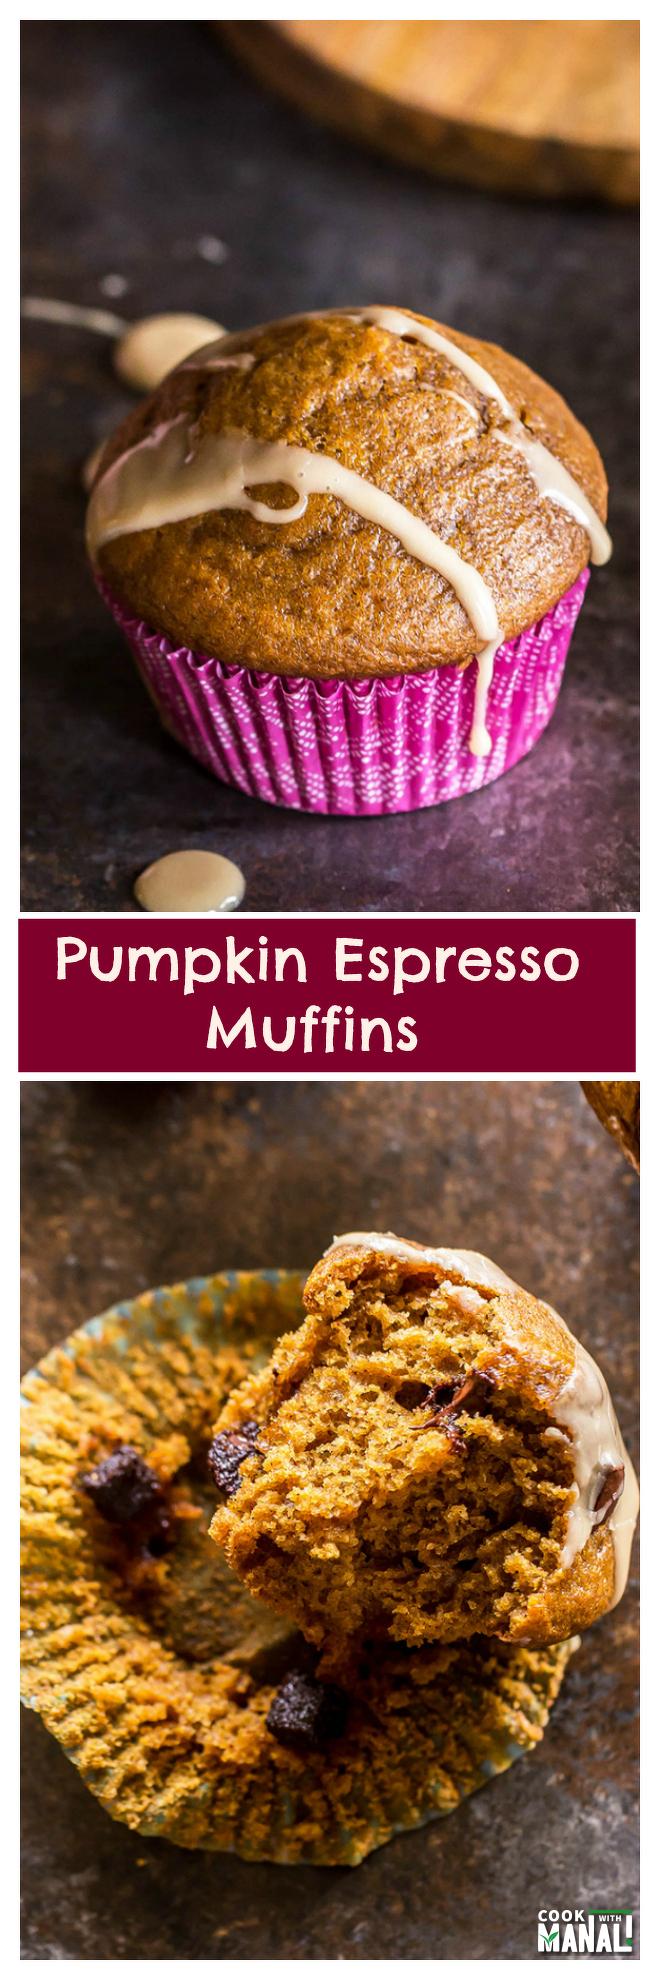 pumpkin-espresso-muffins-collage